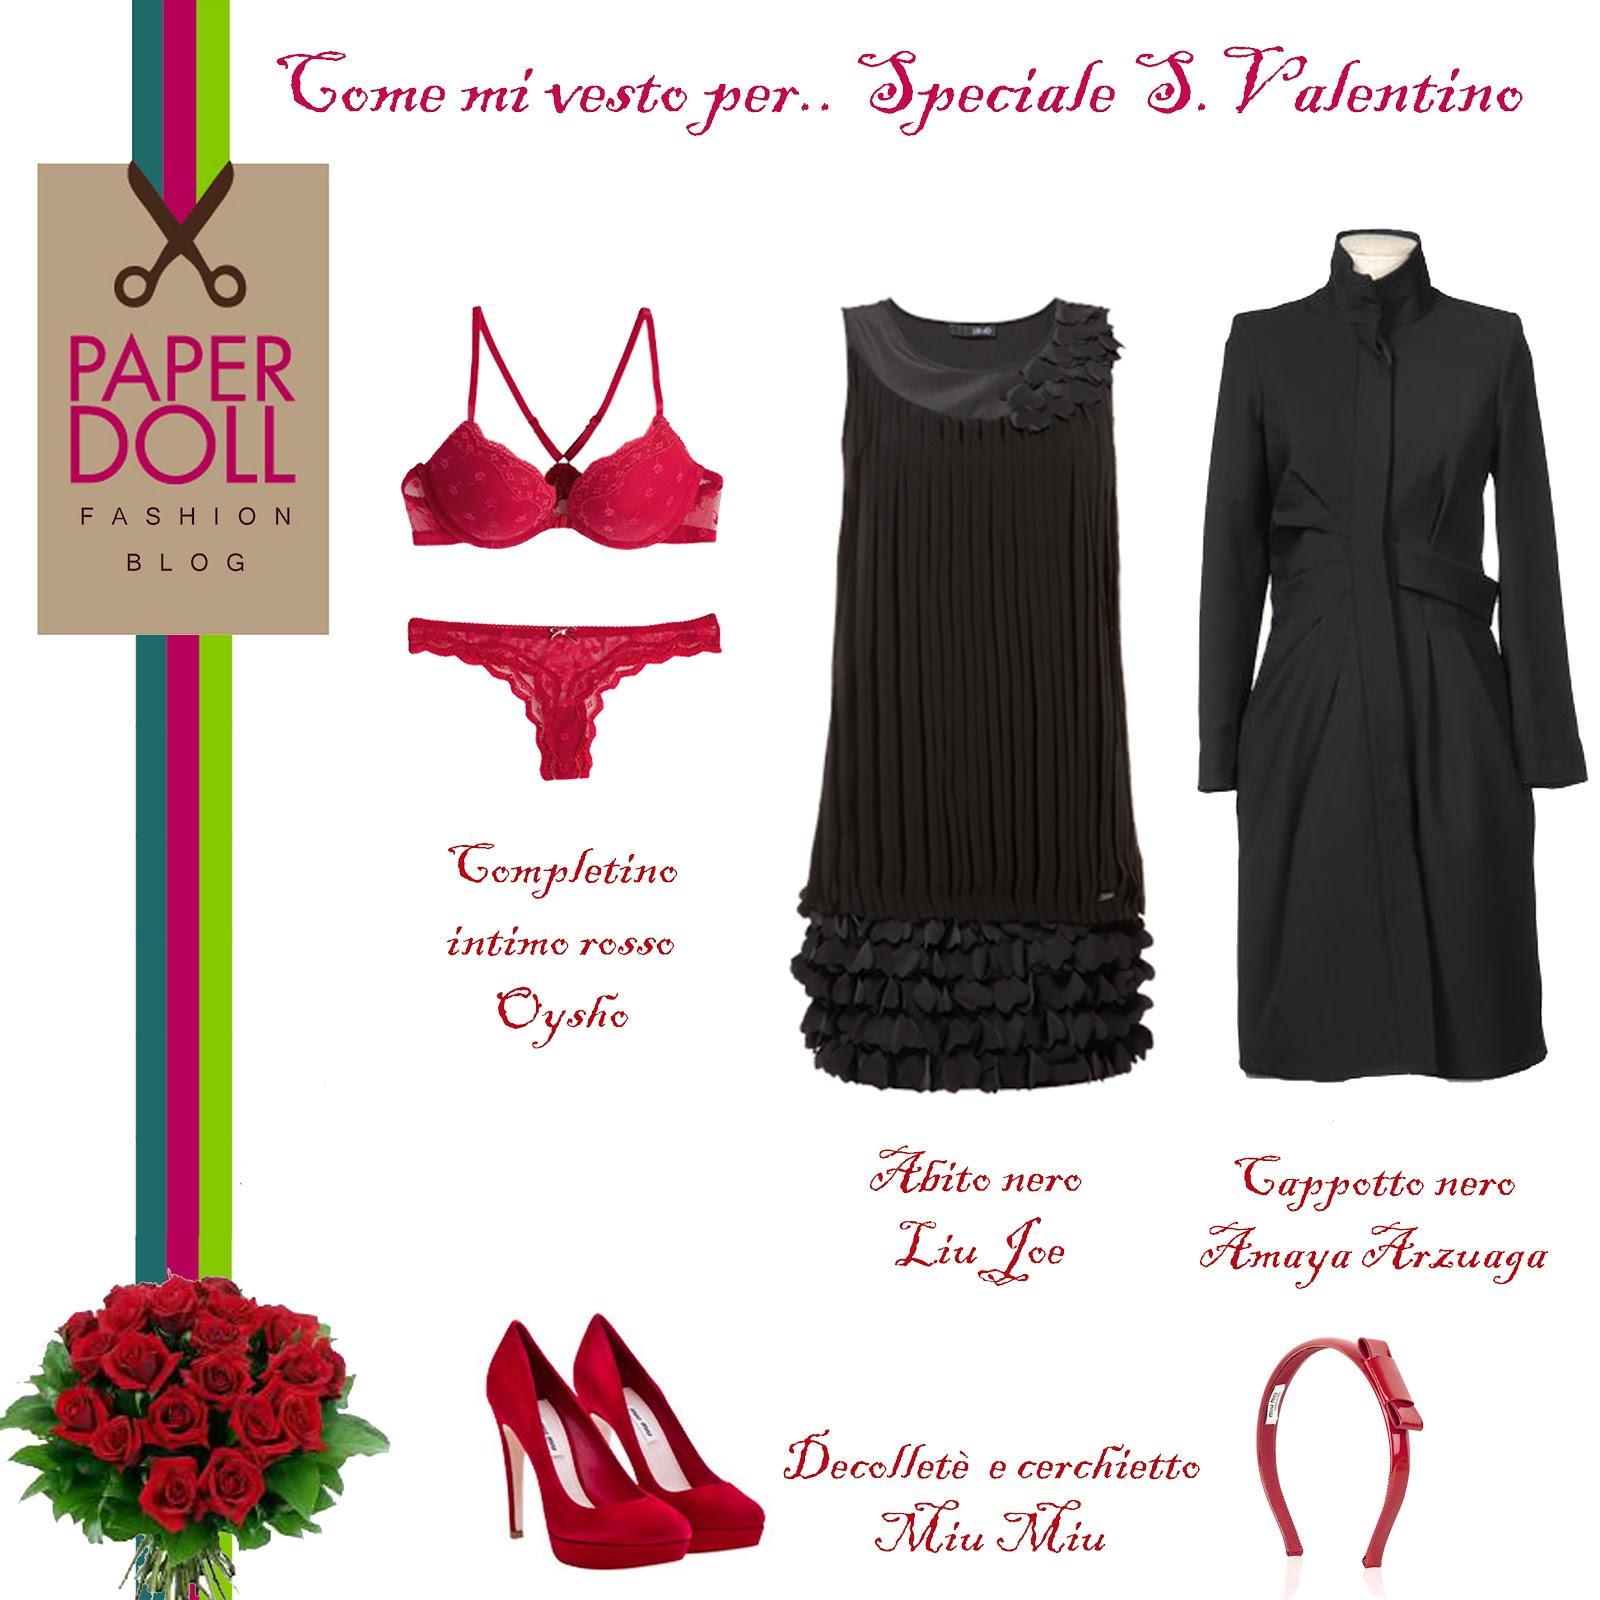 f82d2ad22ba9 Come mi vesto per.. Speciale S. Valentino